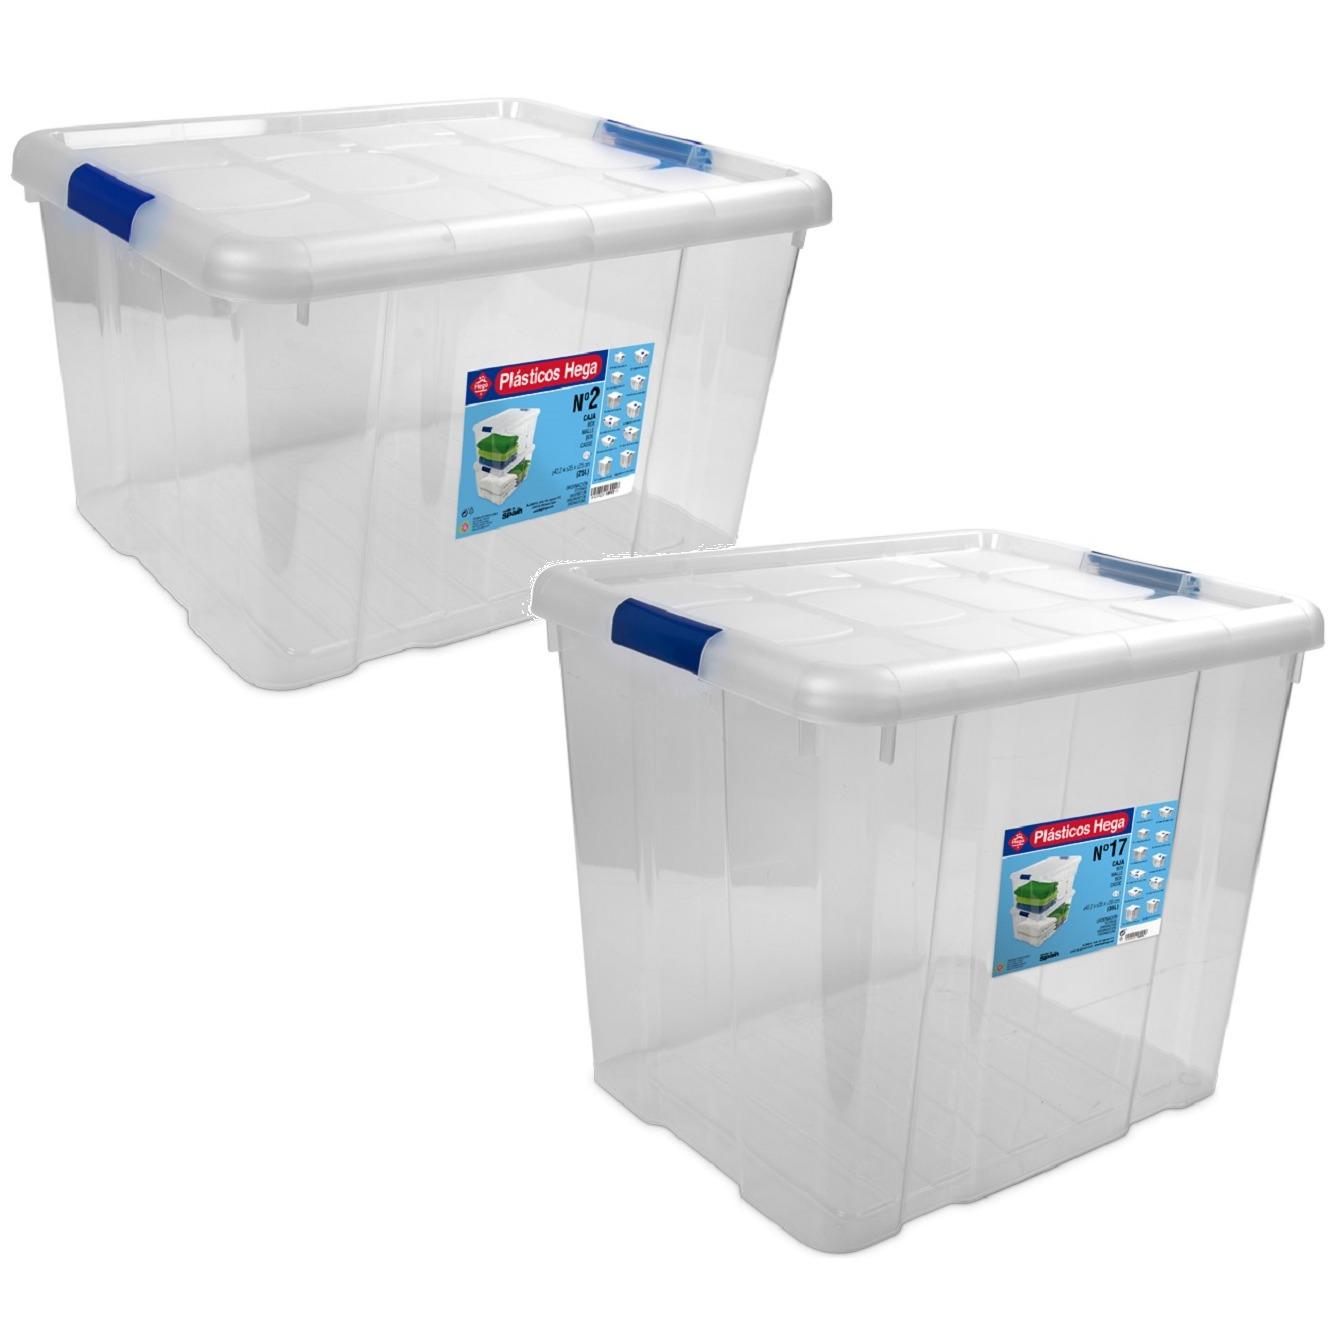 4x Opbergboxen/opbergdozen met deksel 25 en 35 liter kunststof transparant/blauw -